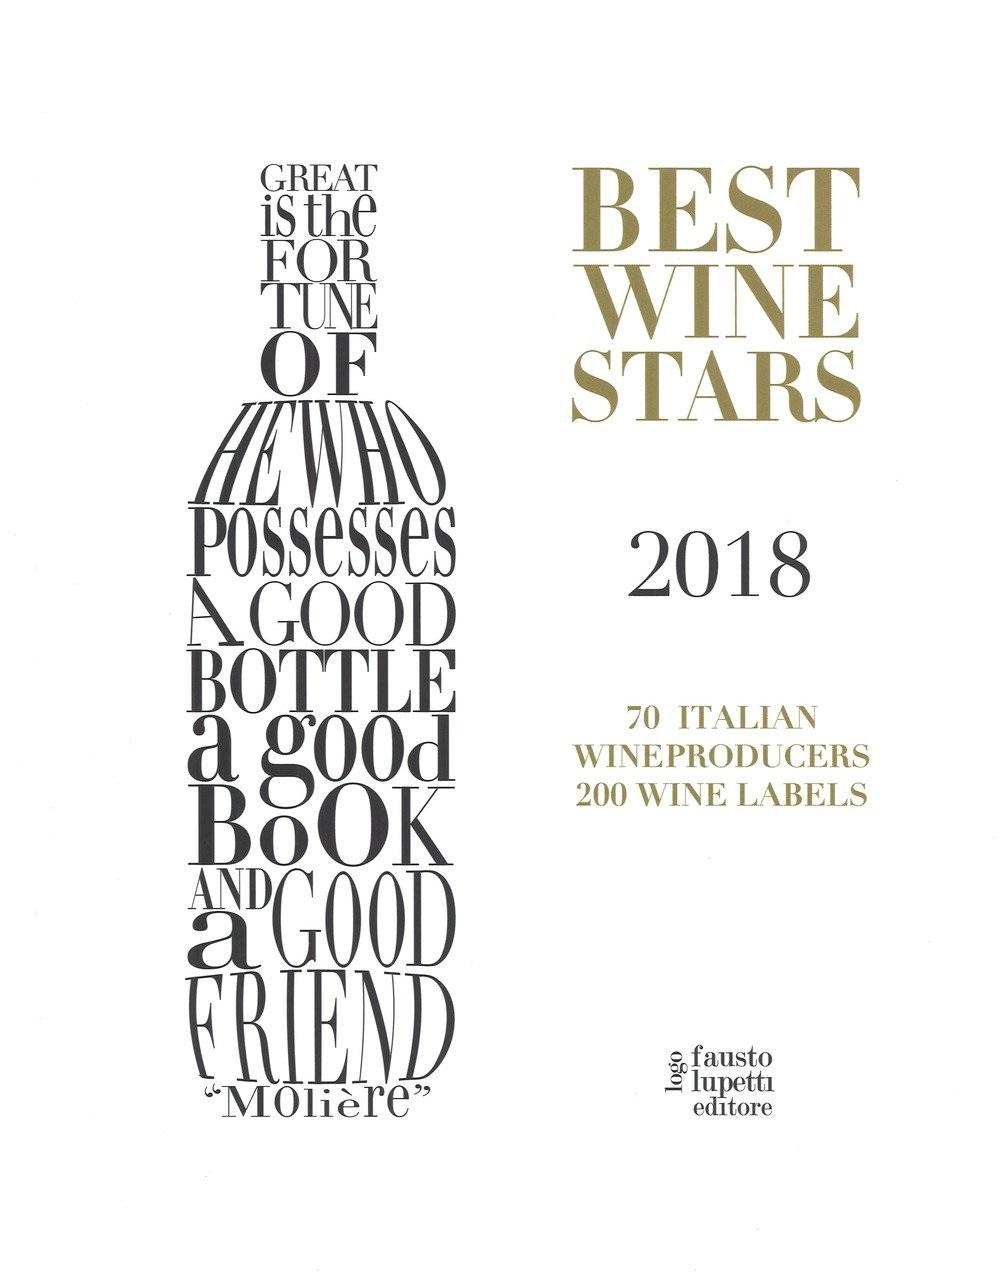 Best Wine Stars 2018: cosa offre la nuova guida dei vini italiani